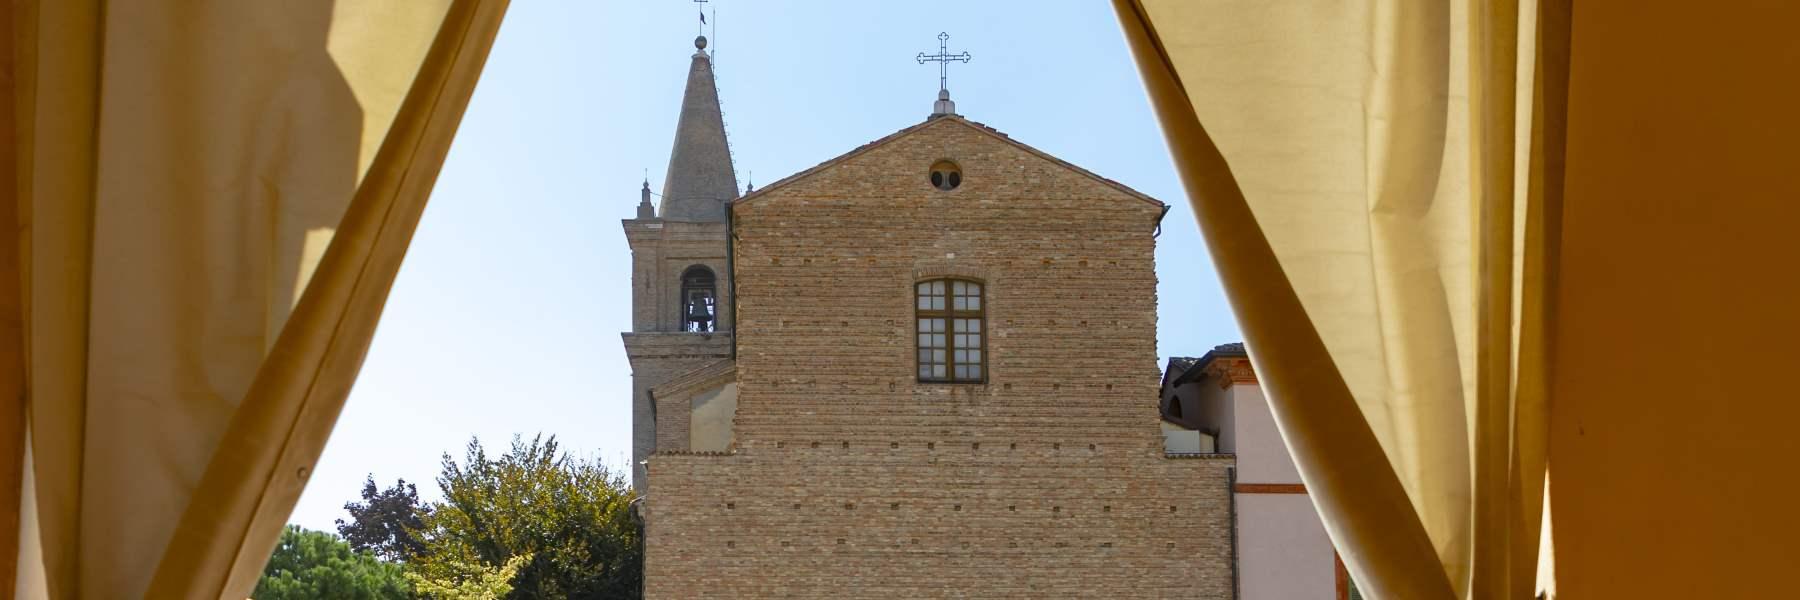 Santa Maria Assunta Kathedrale